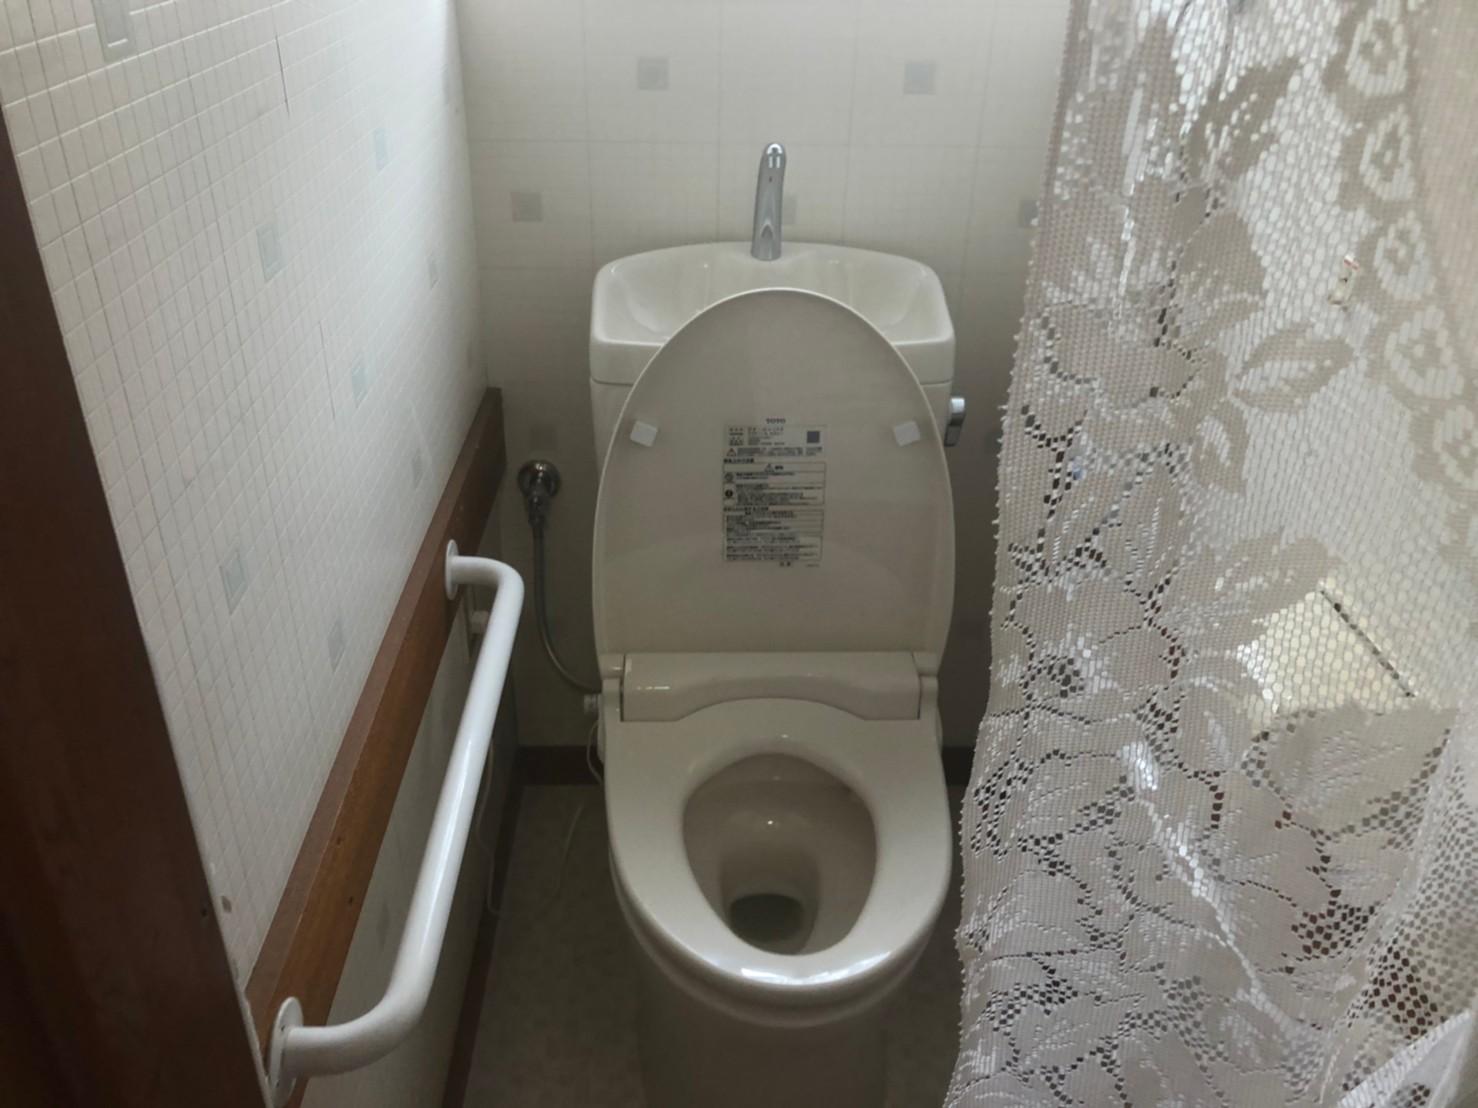 前橋市顧客様のお家にてトイレの交換工事が完了しました。